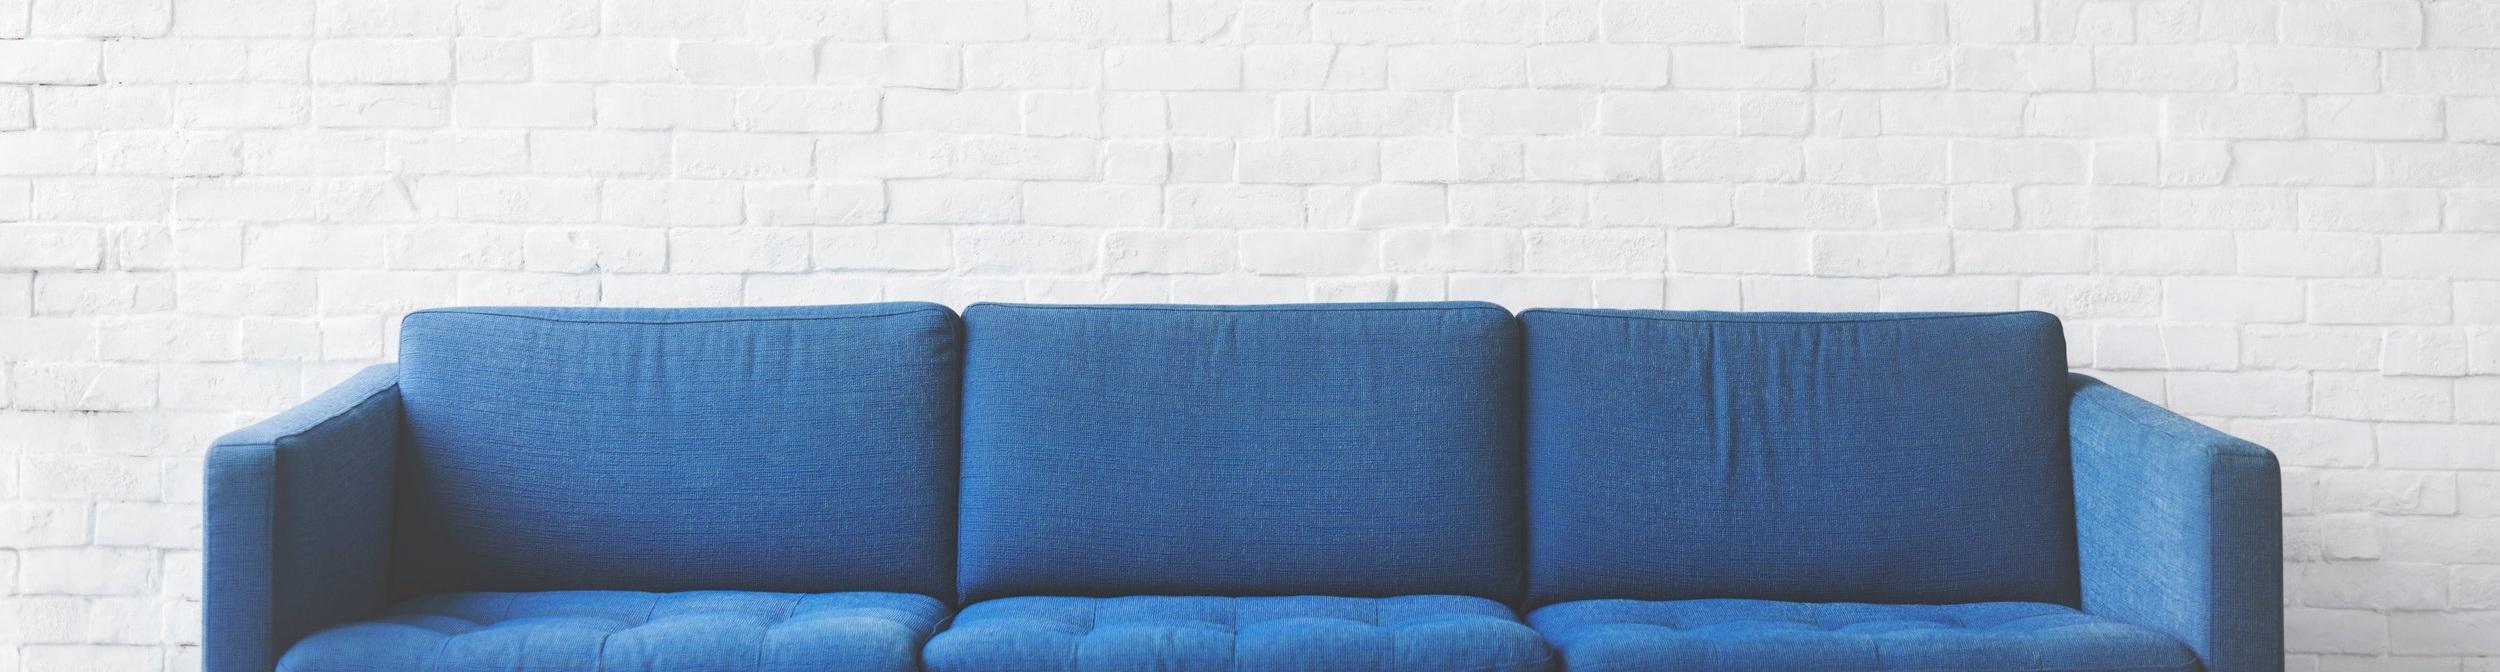 blue-brick-wall-chair-1282315.jpg